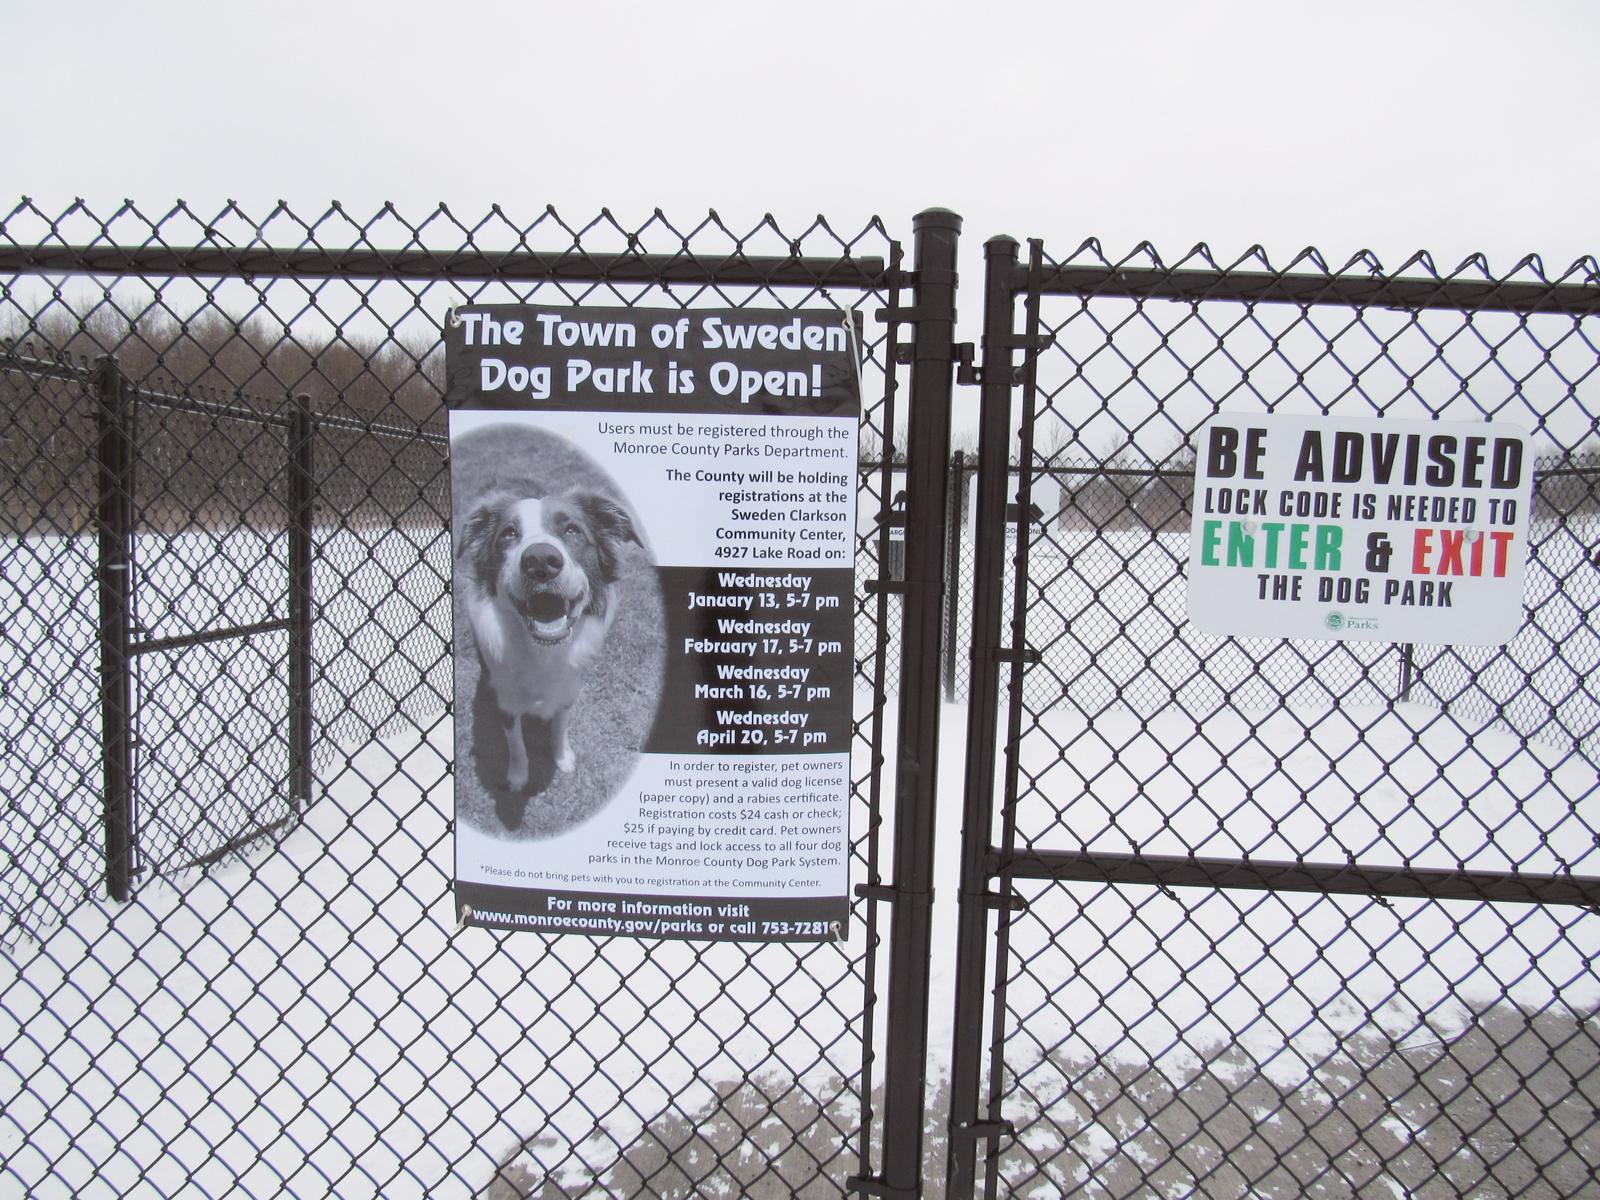 The gate at Sweden Dog Park, the newest in Monroe County's Dog Park system. K. Gabalski photo